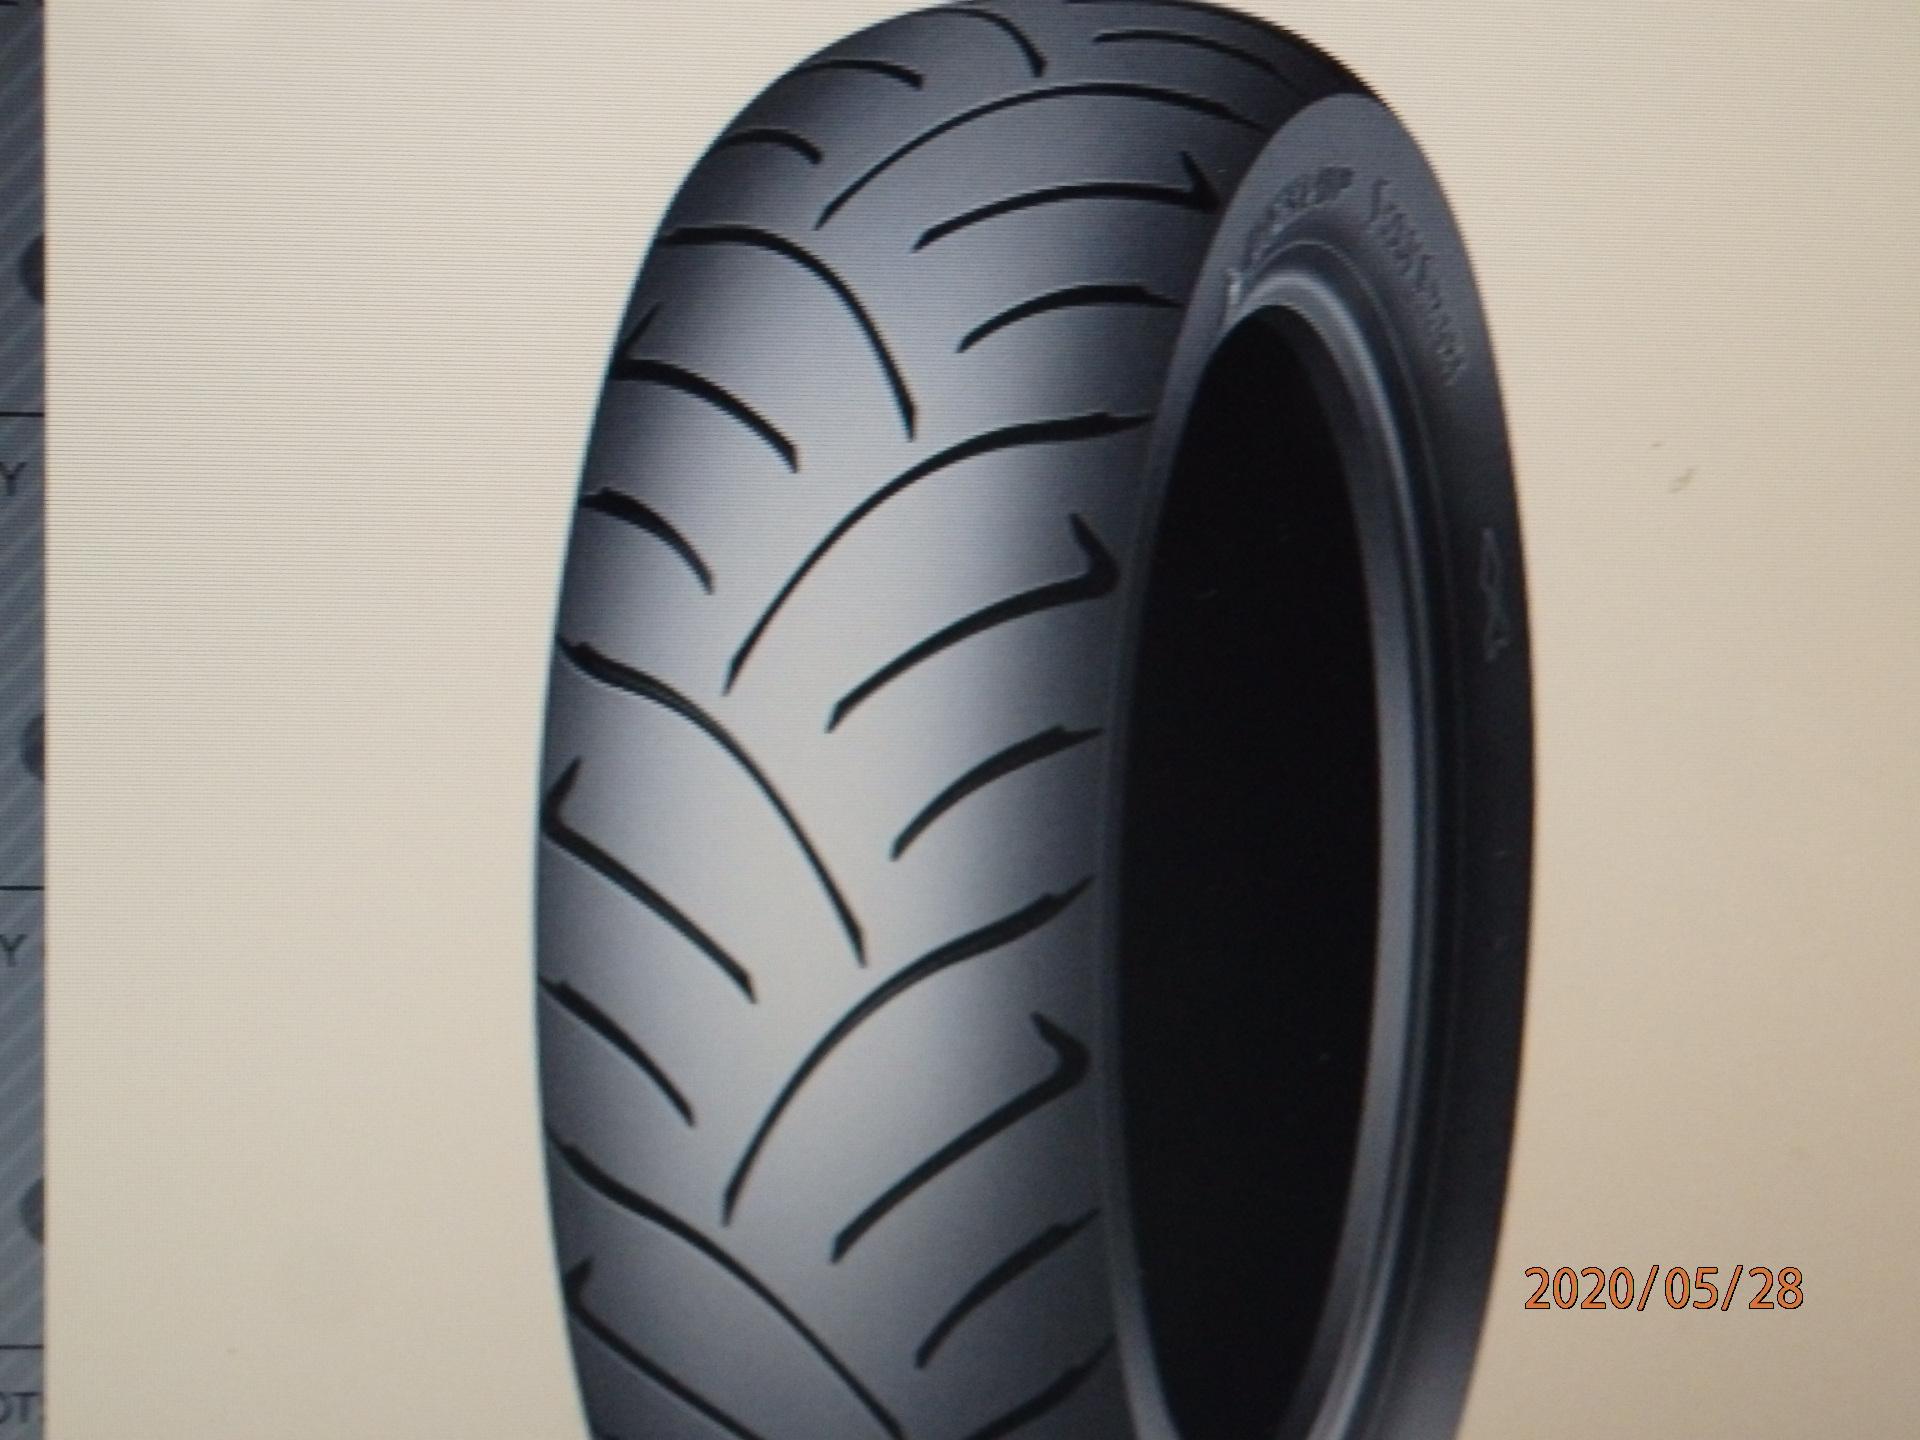 YAMAHA MAJESTY 250,125 GUMI HÁTSO 130/70-12 (Dunlop gyártmány) - 19280 Ft